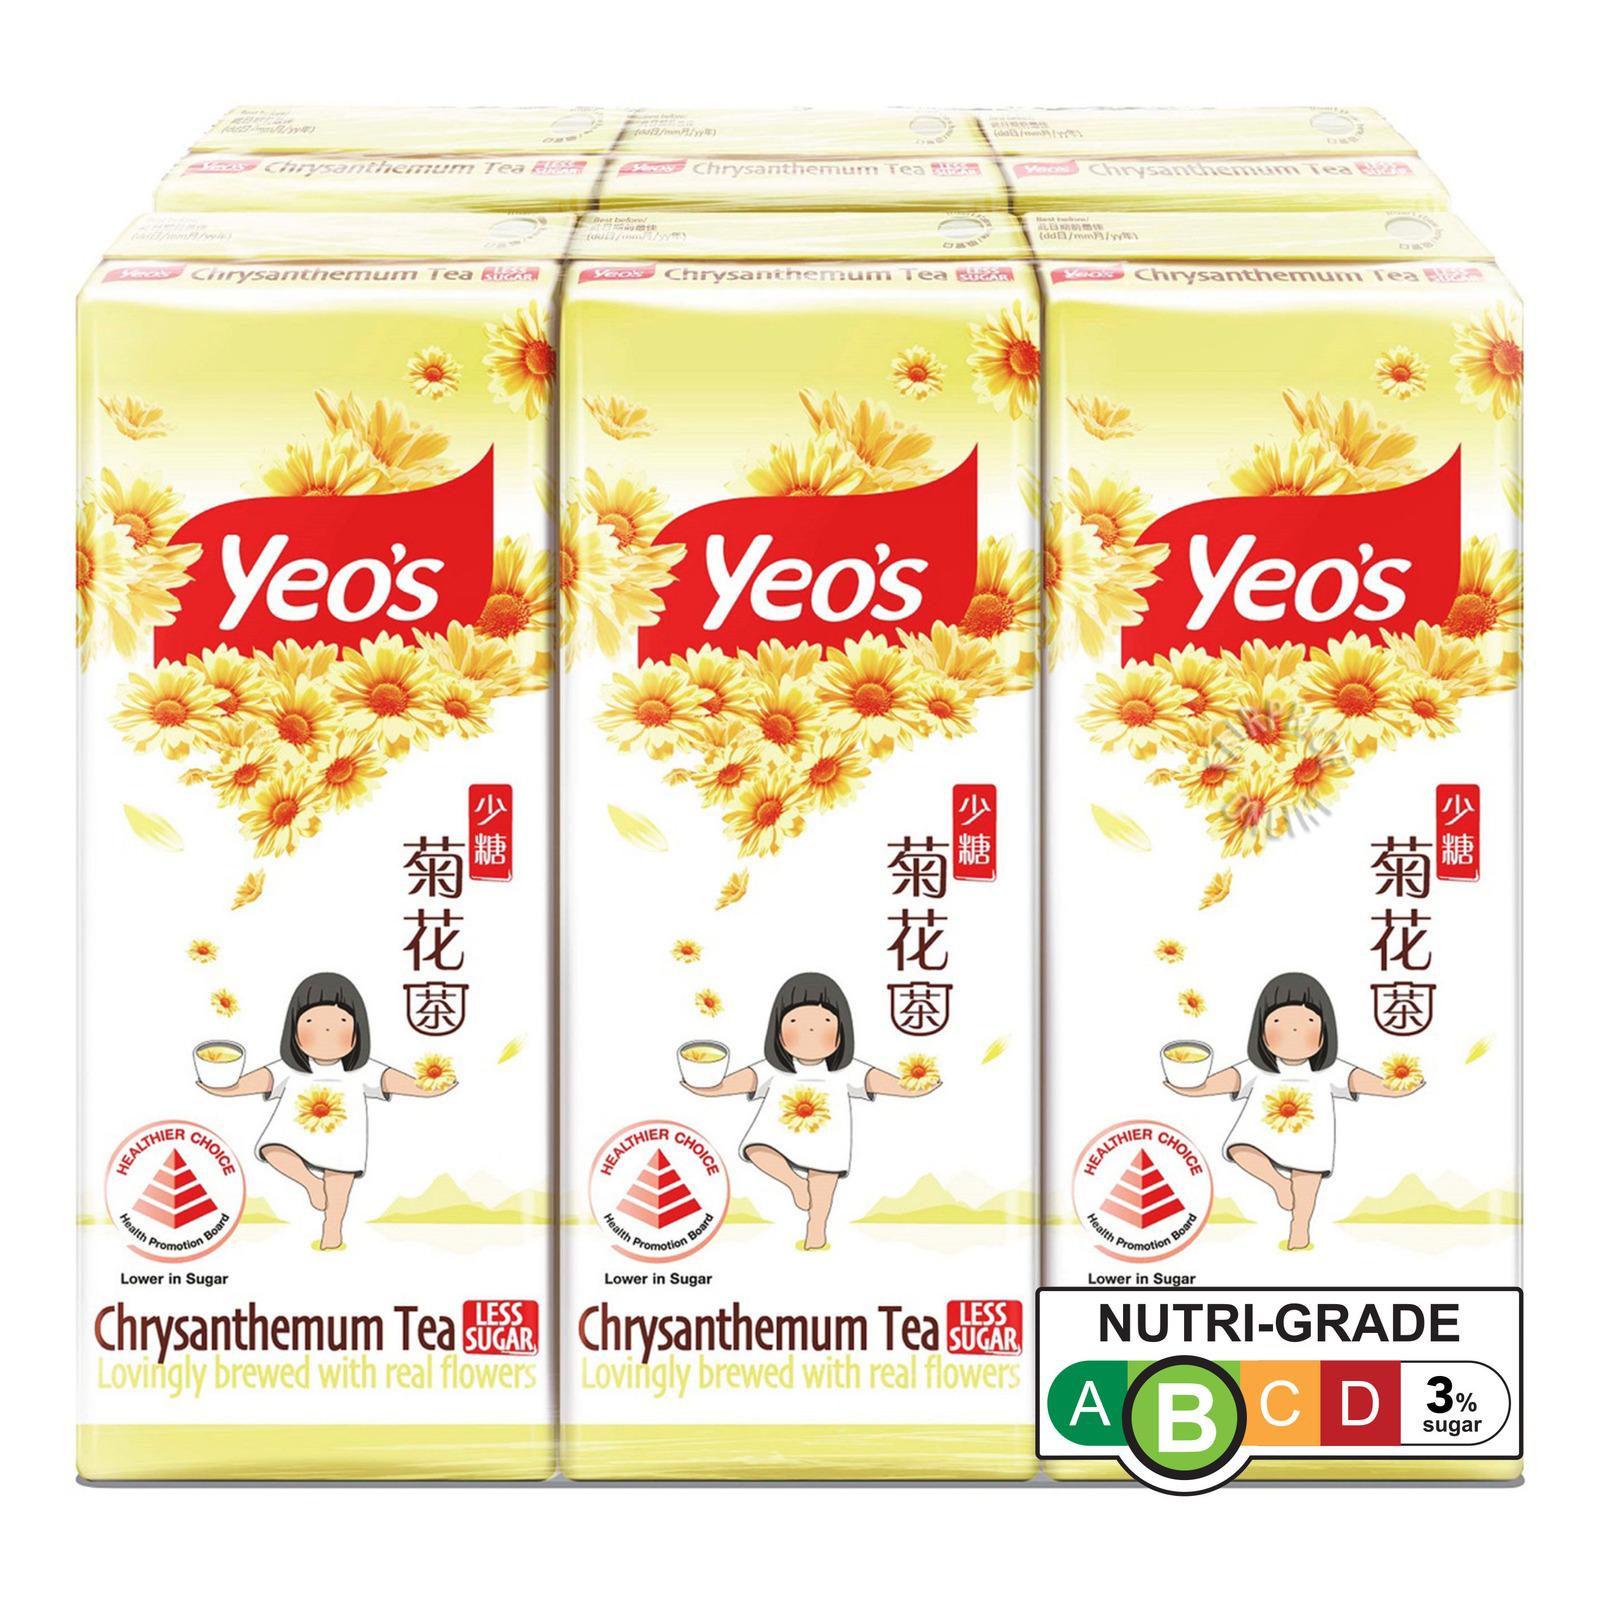 Yeo's Packet Drink - Chrysanthemum Tea (Light in Calories)